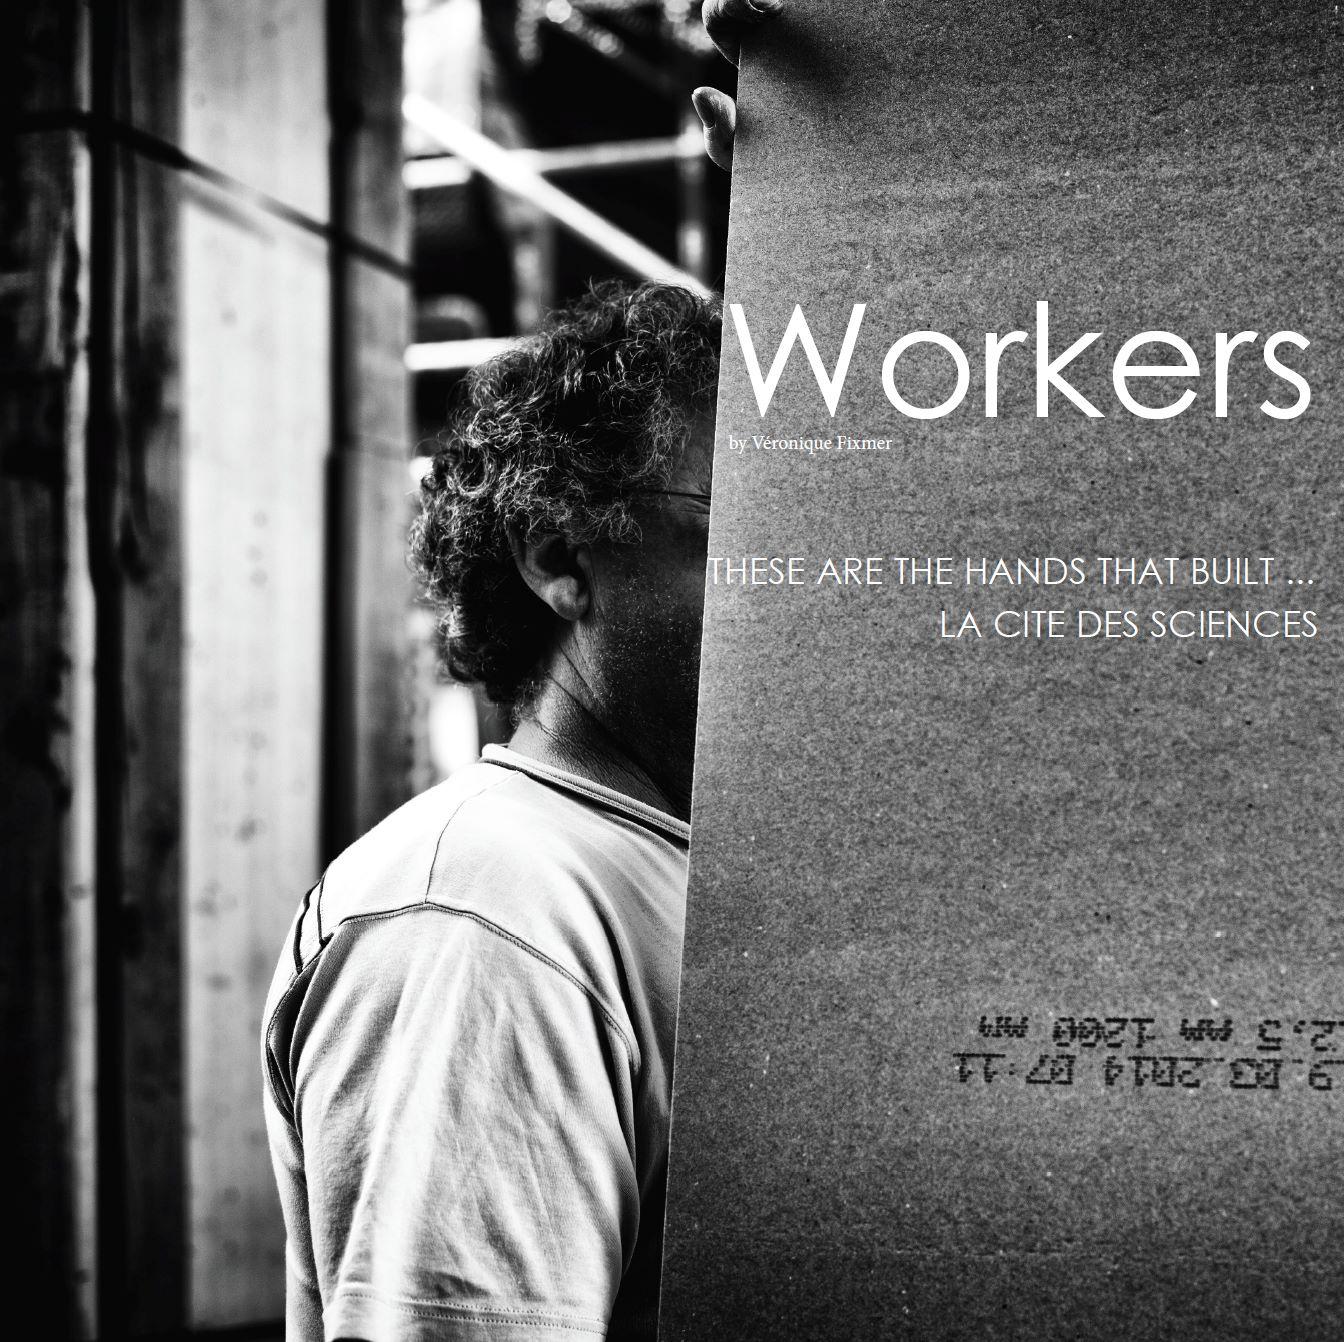 Workers @ massenoire Belval